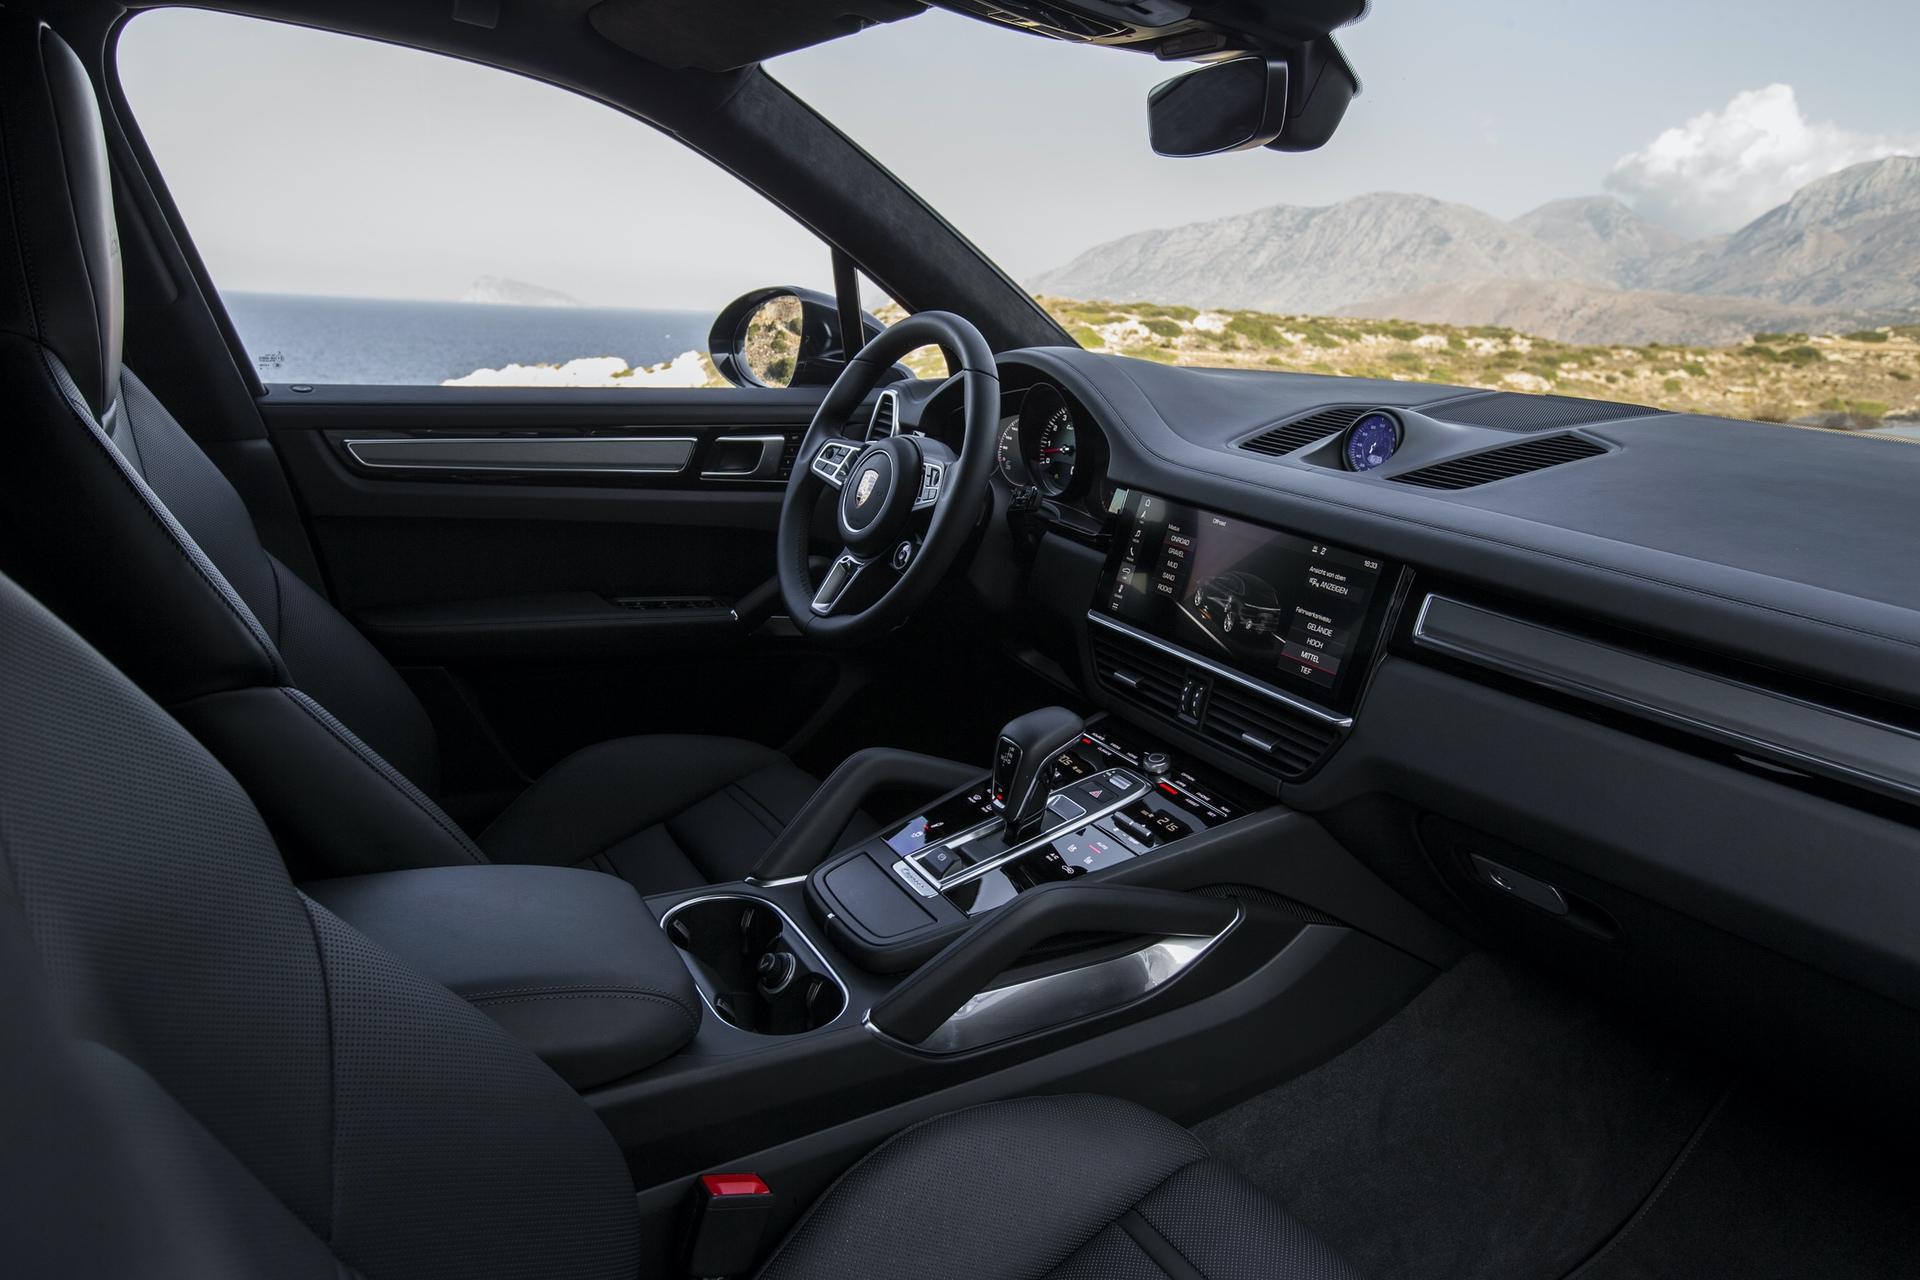 Test_Drive_Porsche_Cayenne_122